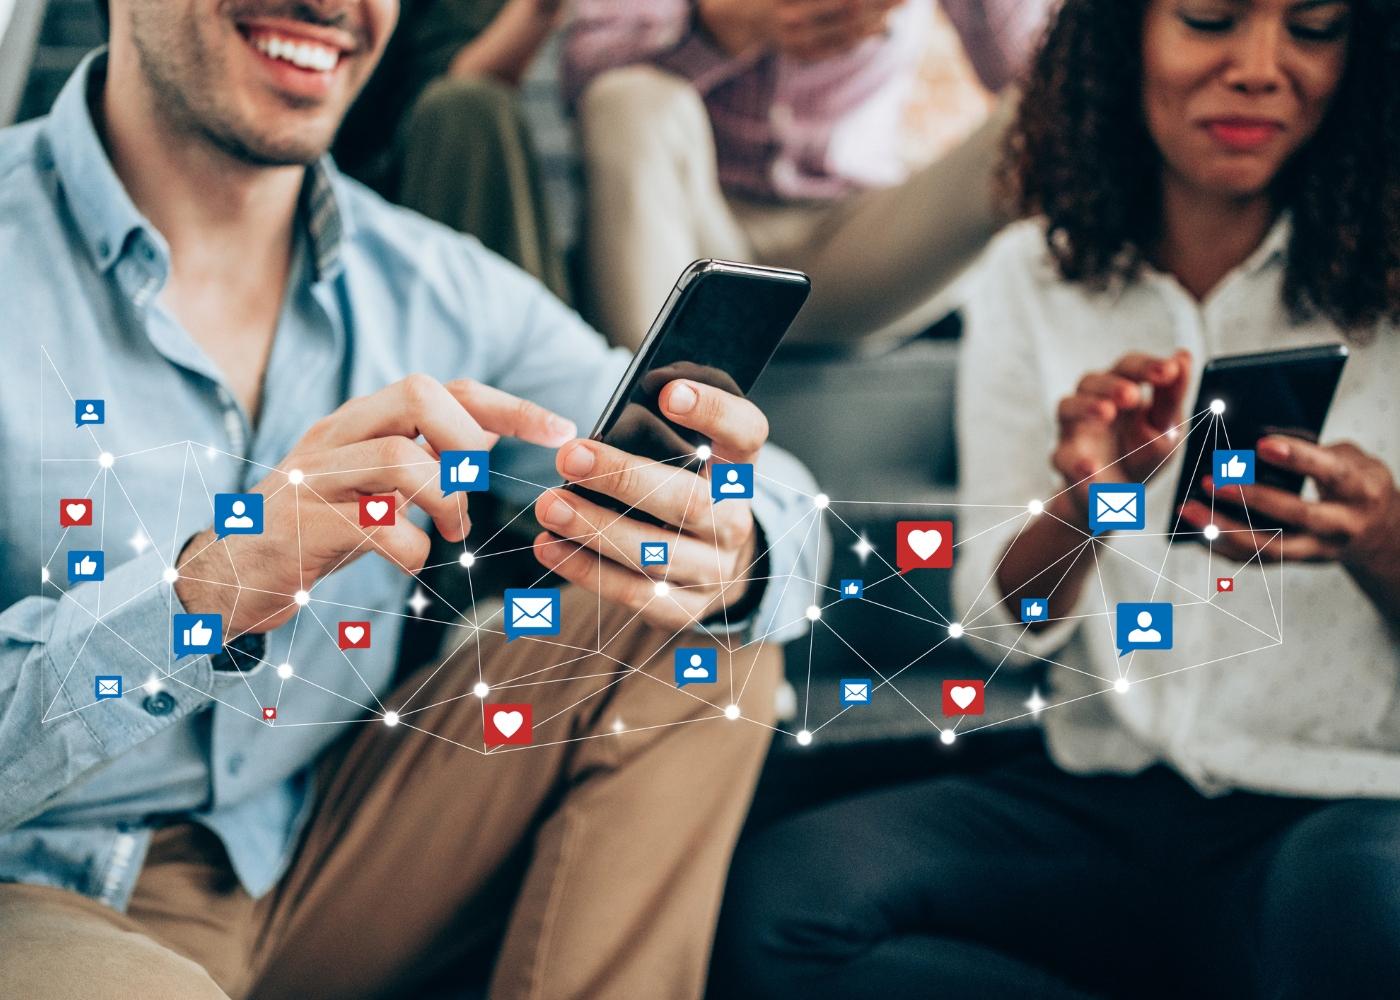 jovem casa a navegar das redes sociais